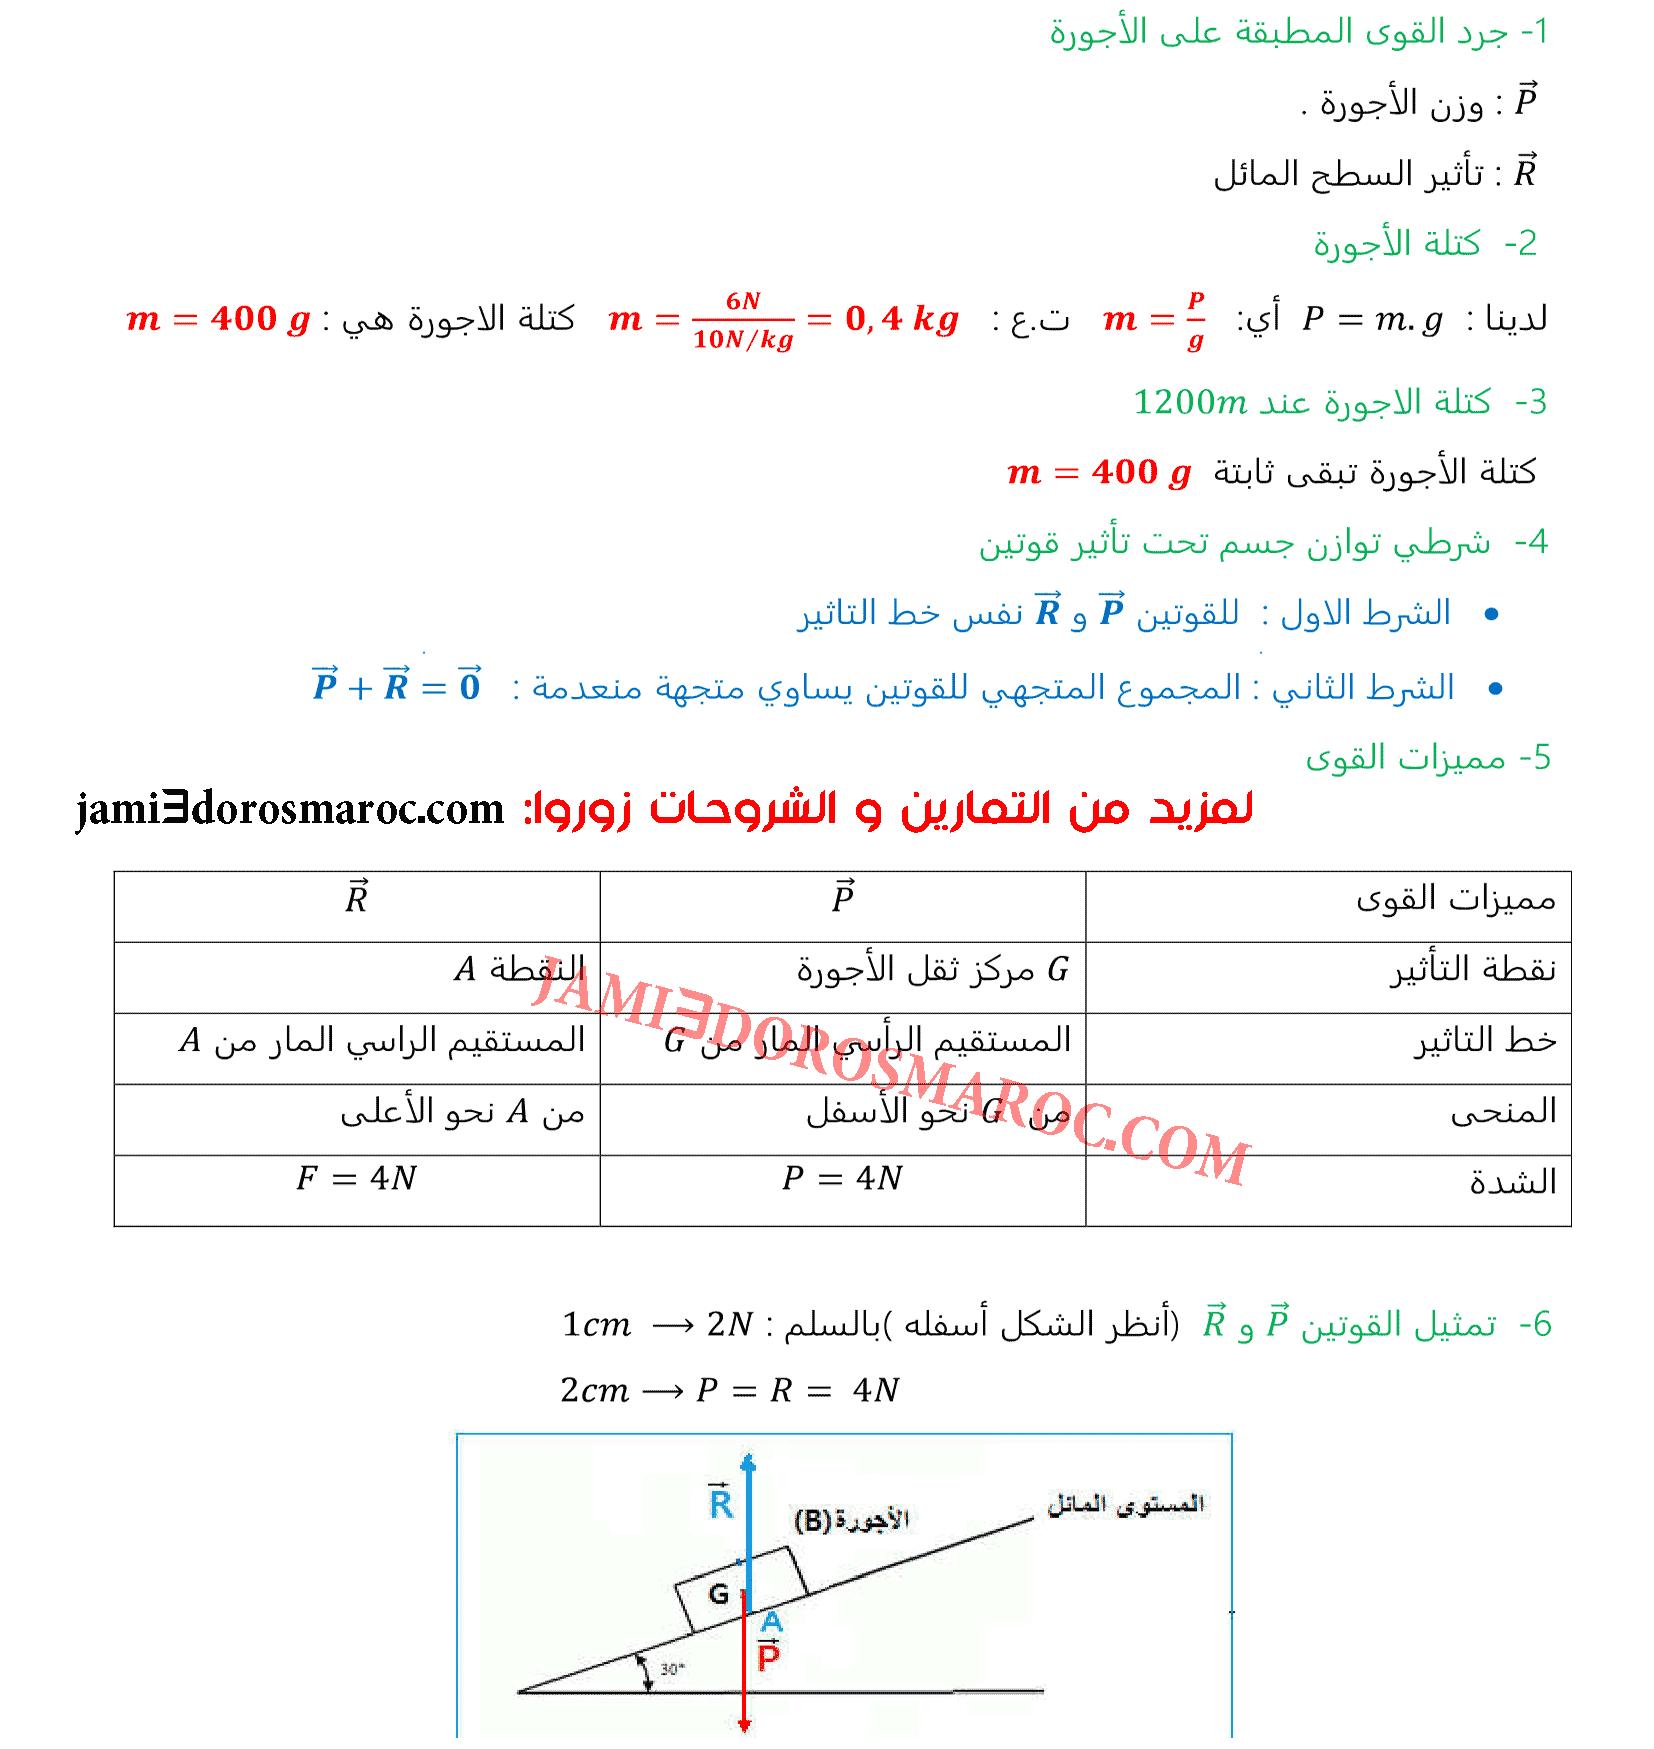 سلسلة تمارين درس الوزن والكتلة